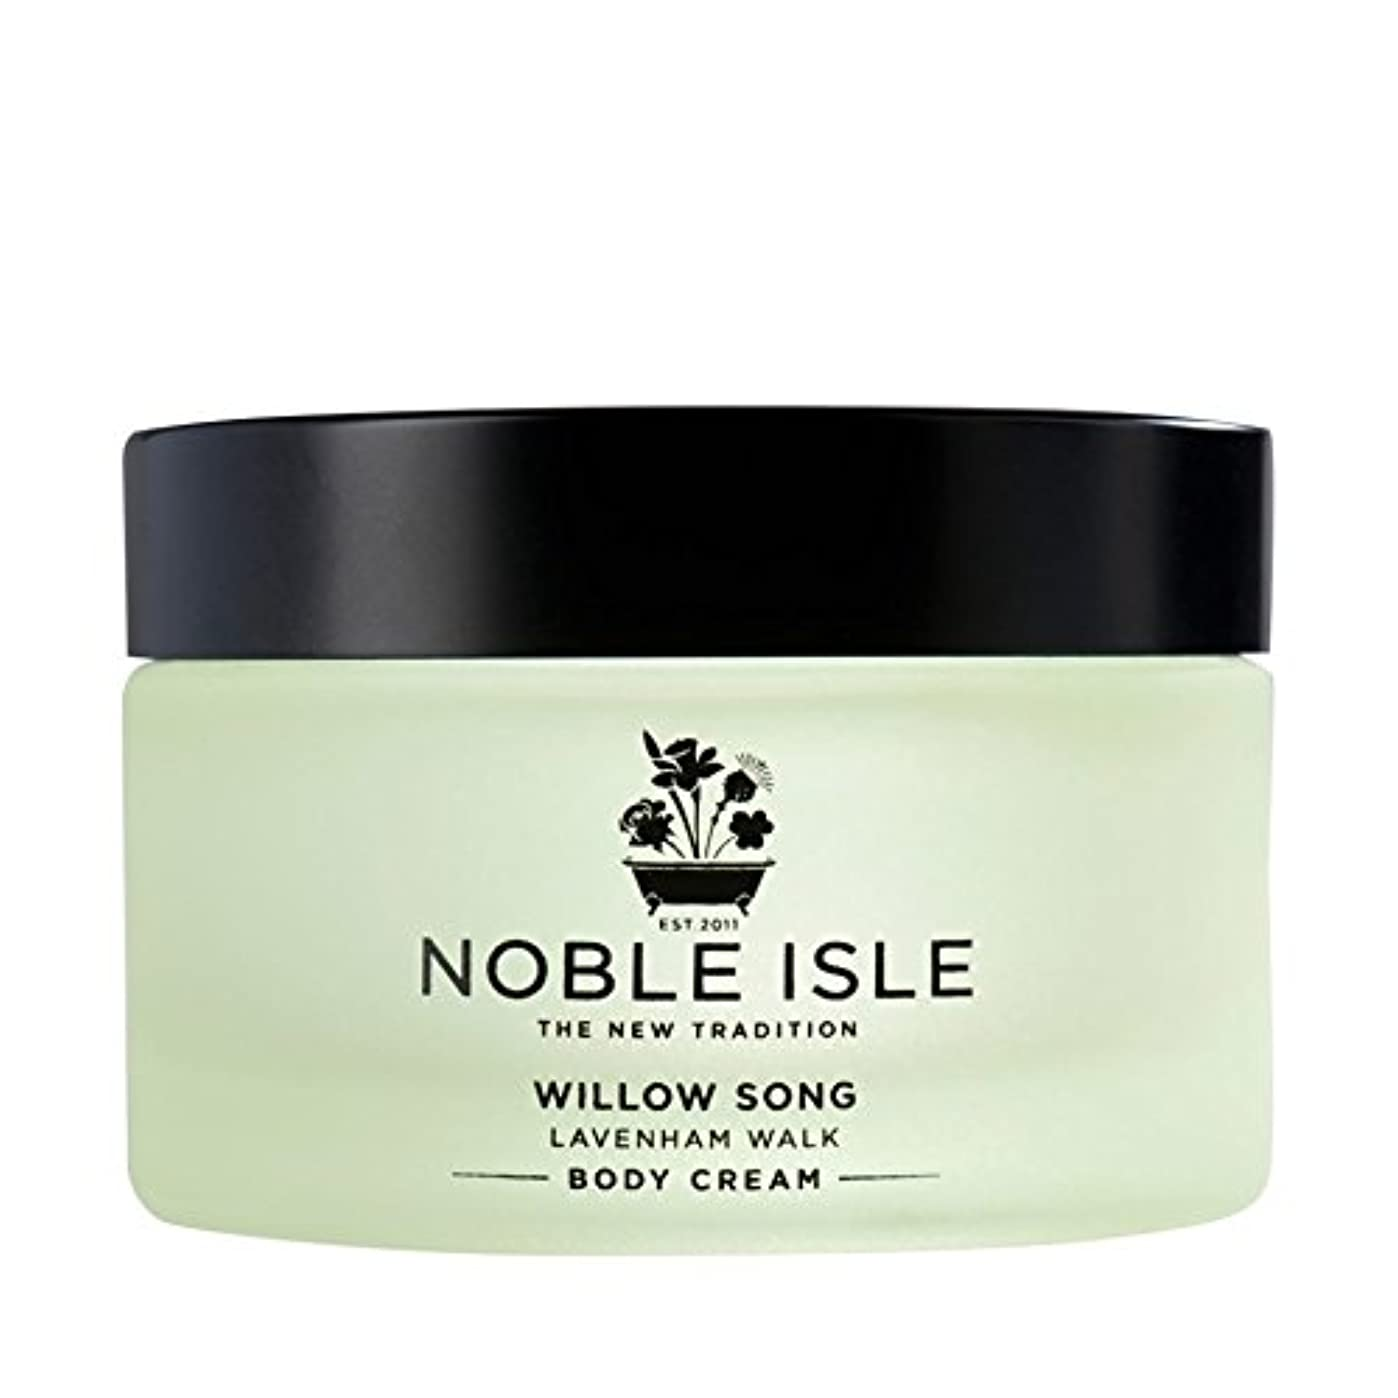 高貴な島柳の歌ラヴァンハム徒歩ボディクリーム170ミリリットル x2 - Noble Isle Willow Song Lavenham Walk Body Cream 170ml (Pack of 2) [並行輸入品]